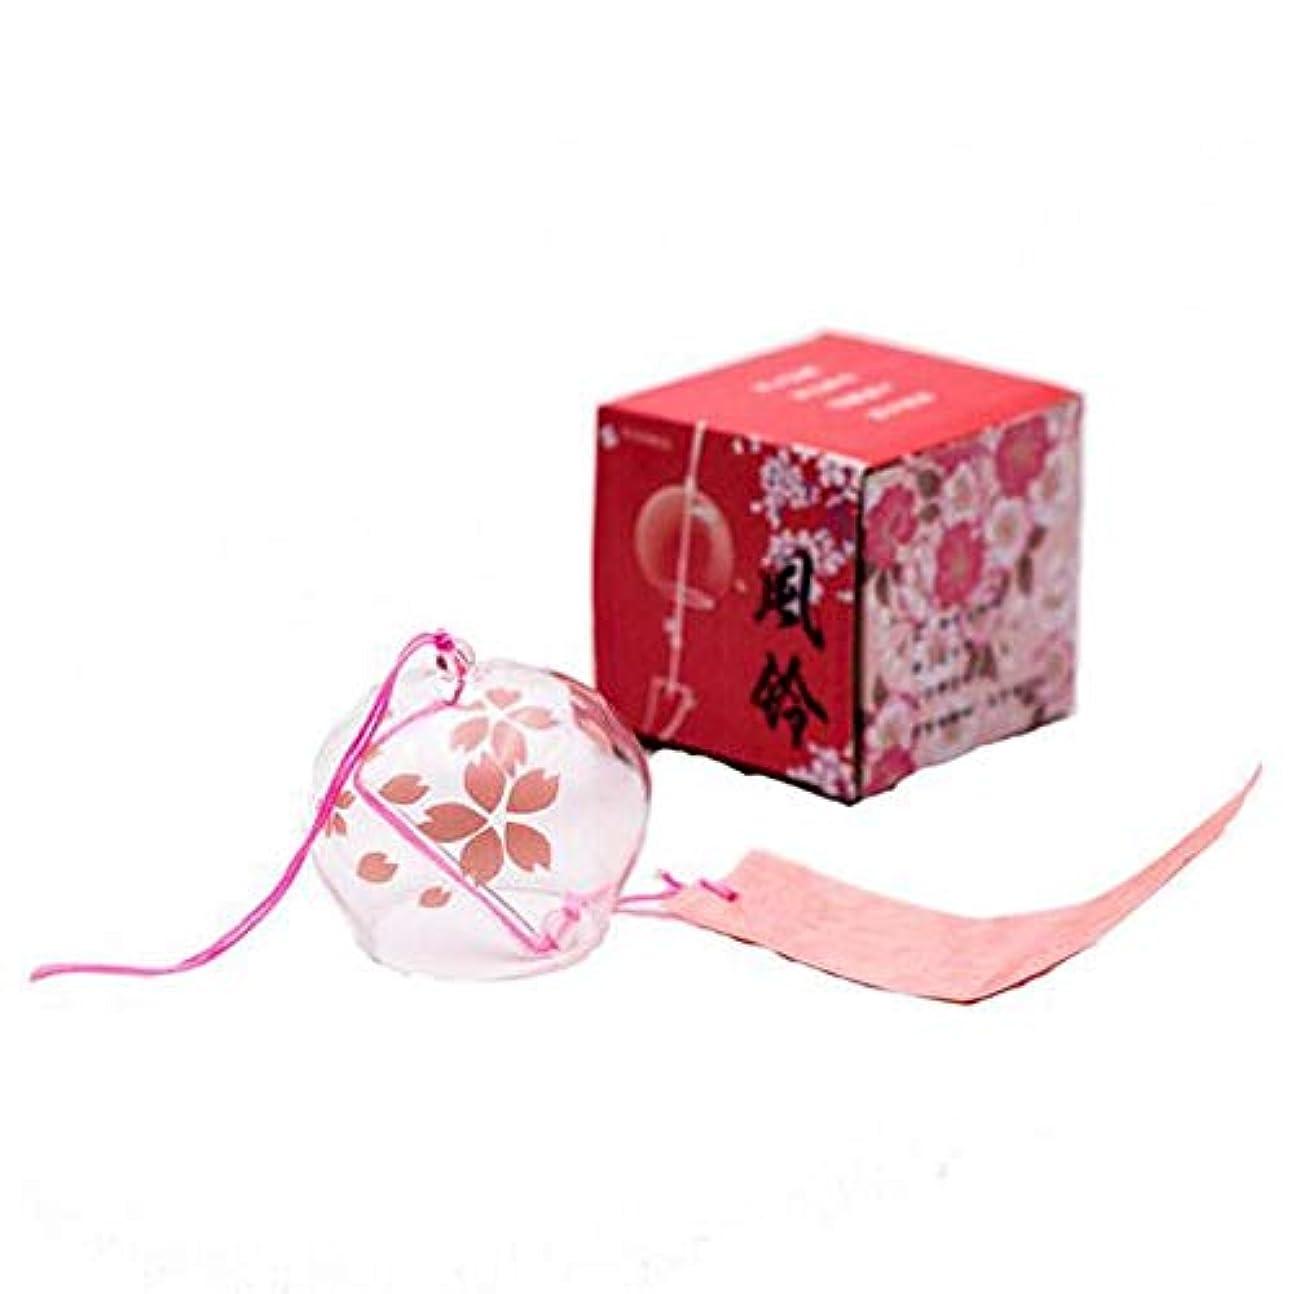 キャンベラ食い違い入手しますKaiyitong01 風チャイム、ガラス素材ホームクリエイティブ風チャイム、パープル、40cm程度の長さの合計,絶妙なファッション (Color : Pink)